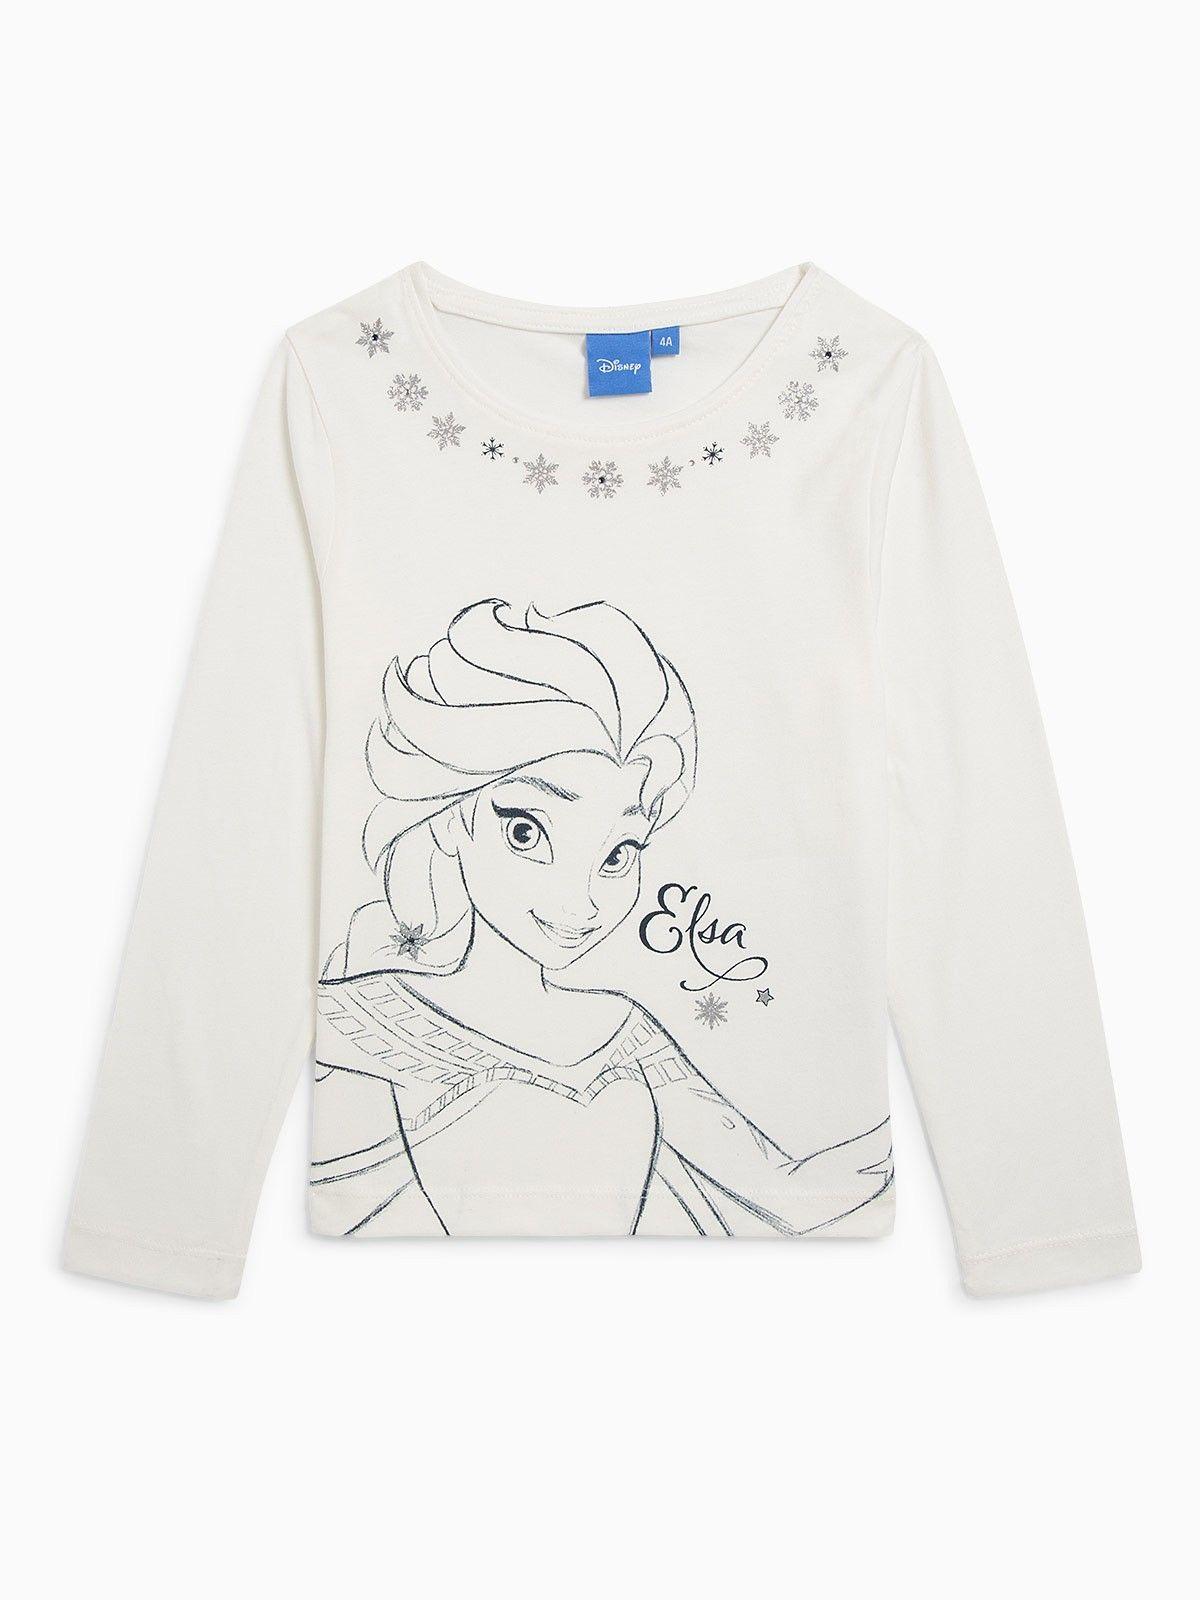 Bleu Marine La Reine des Neiges Tee Shirt Fille Manches Longues